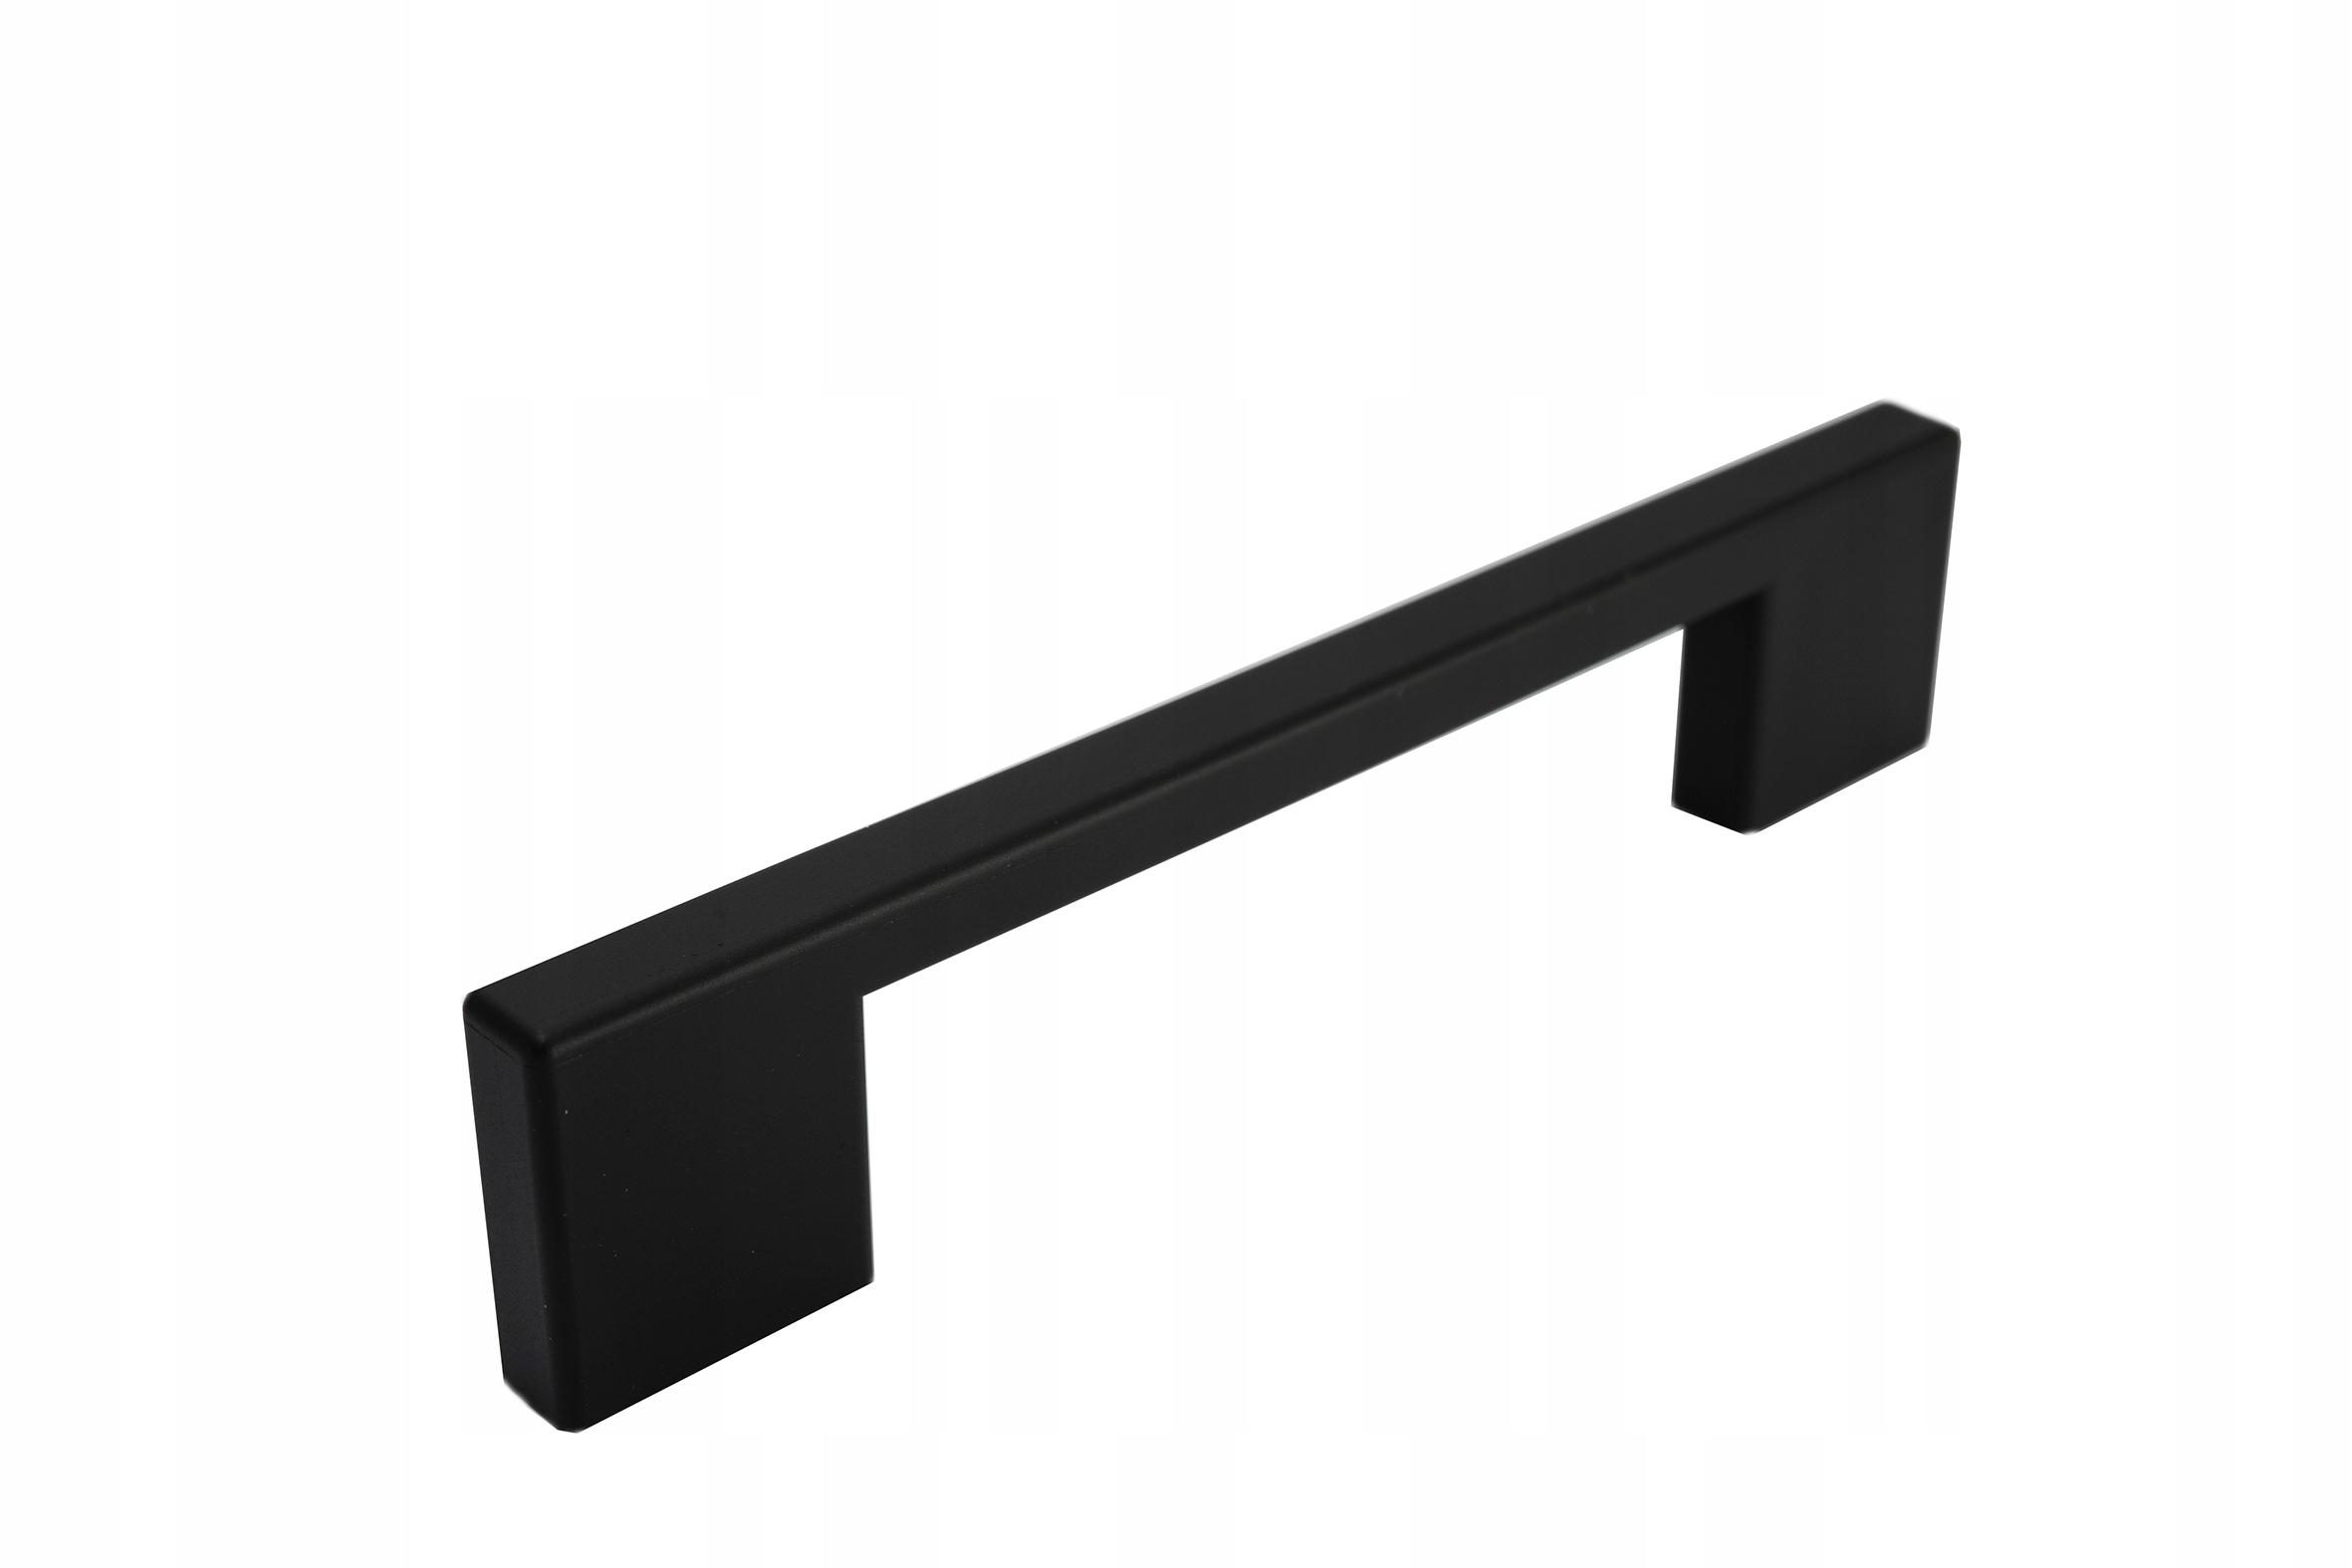 Ручка мебельная CLP L-137 чёрная матовая, шаг 96/128